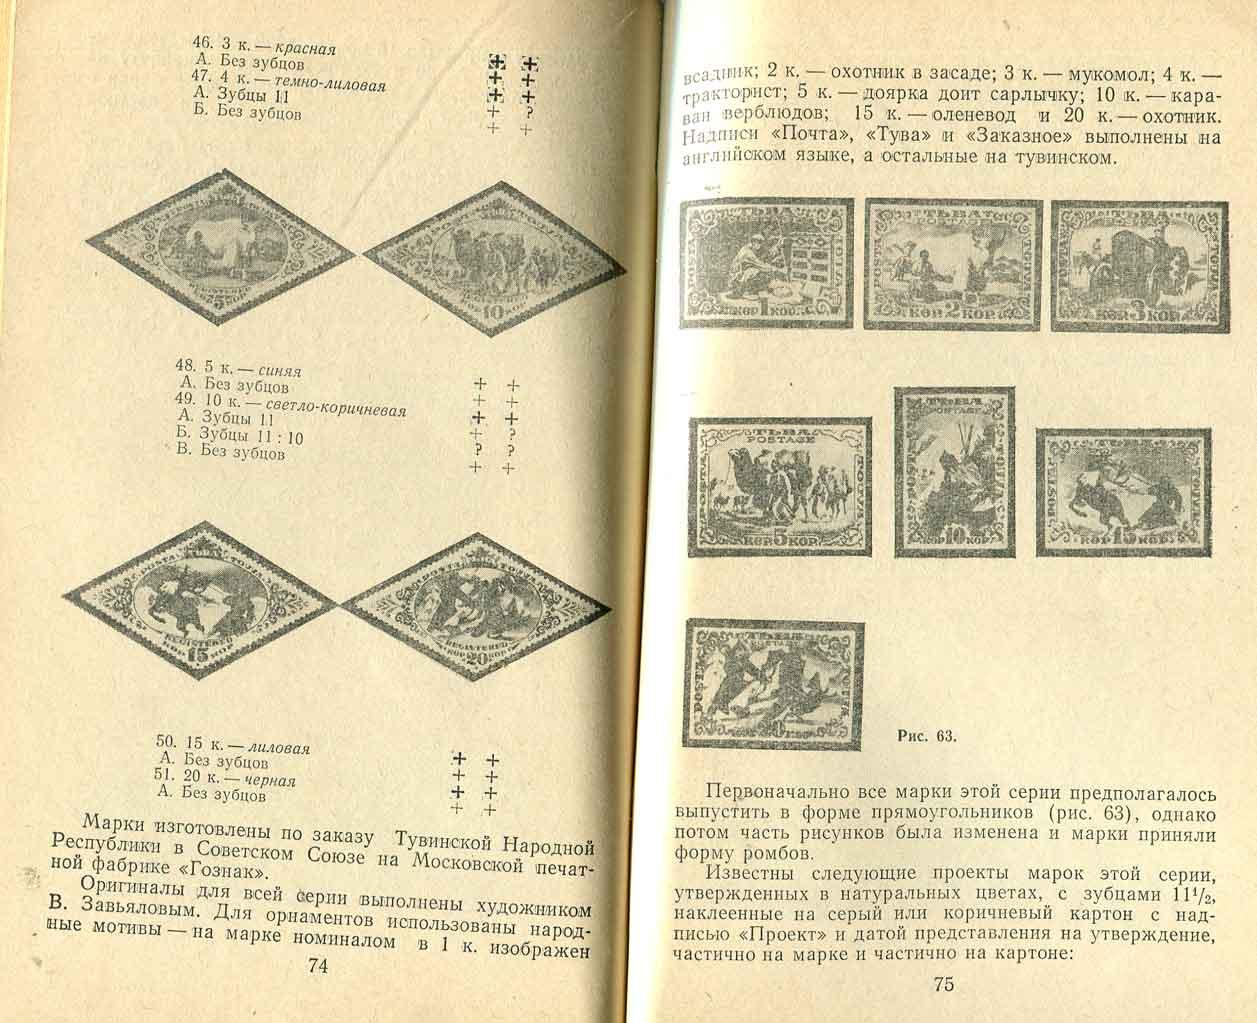 Каталог марок Тувы с ценами